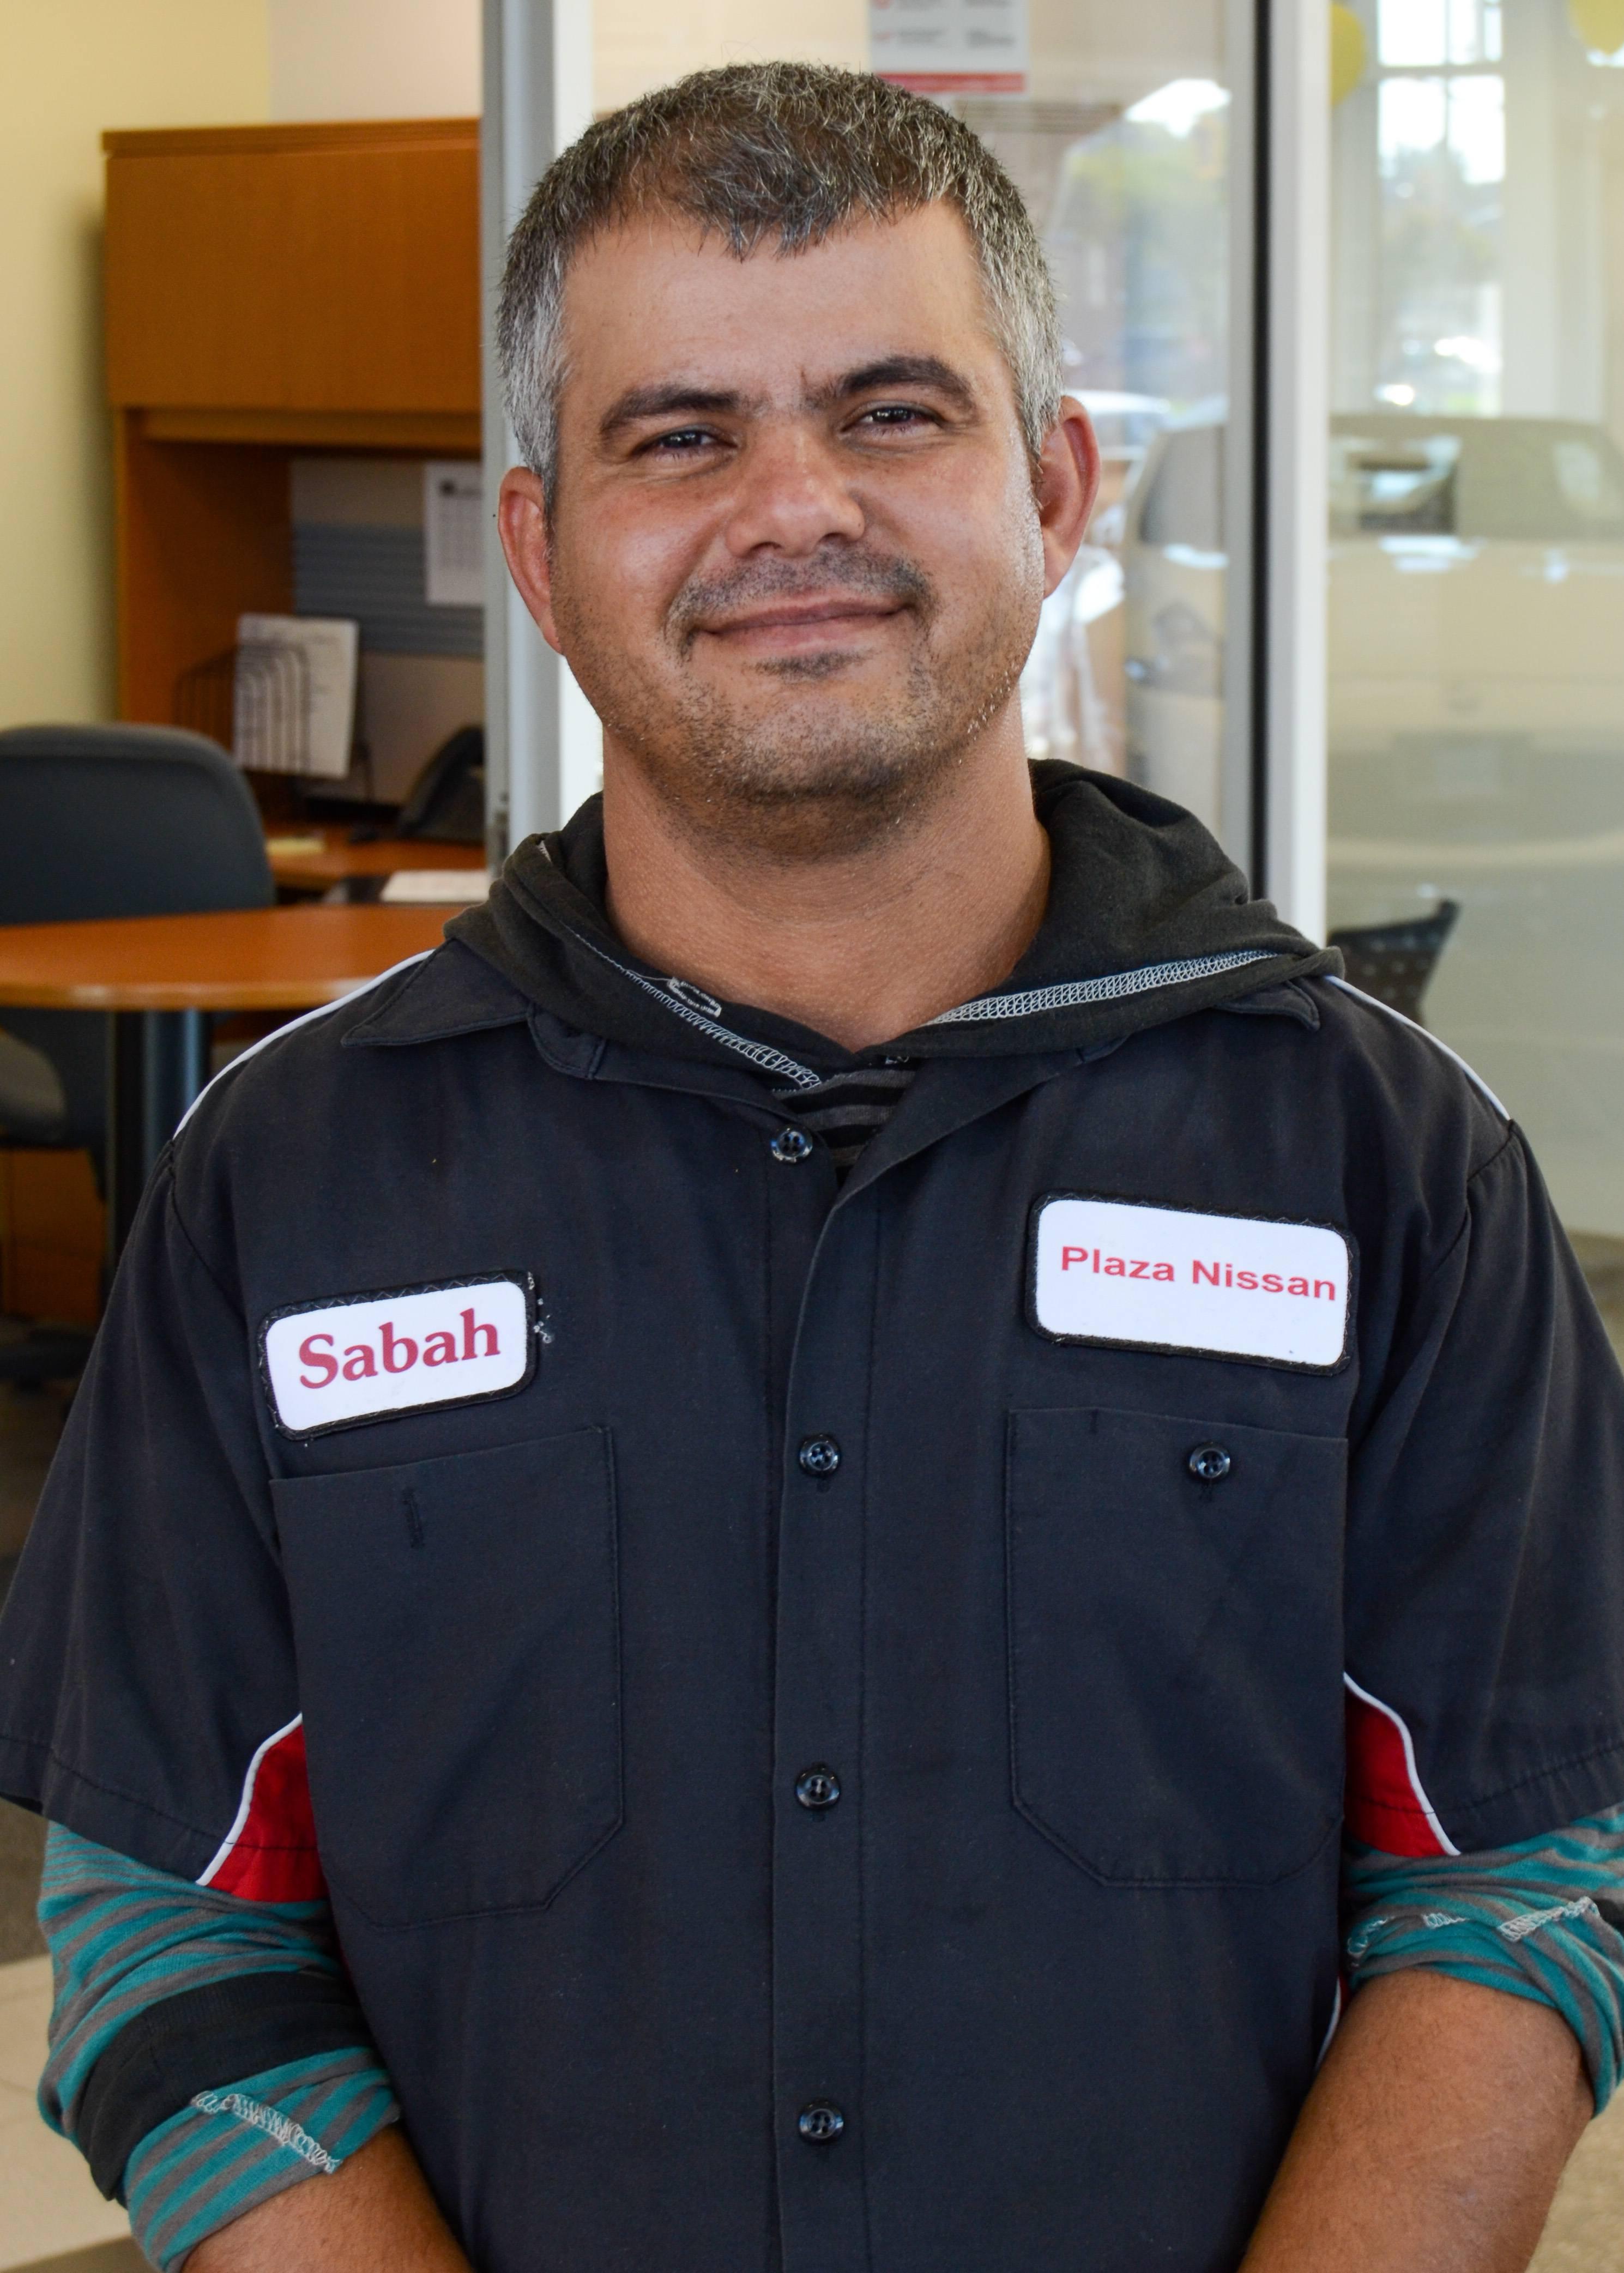 Sabah Hana